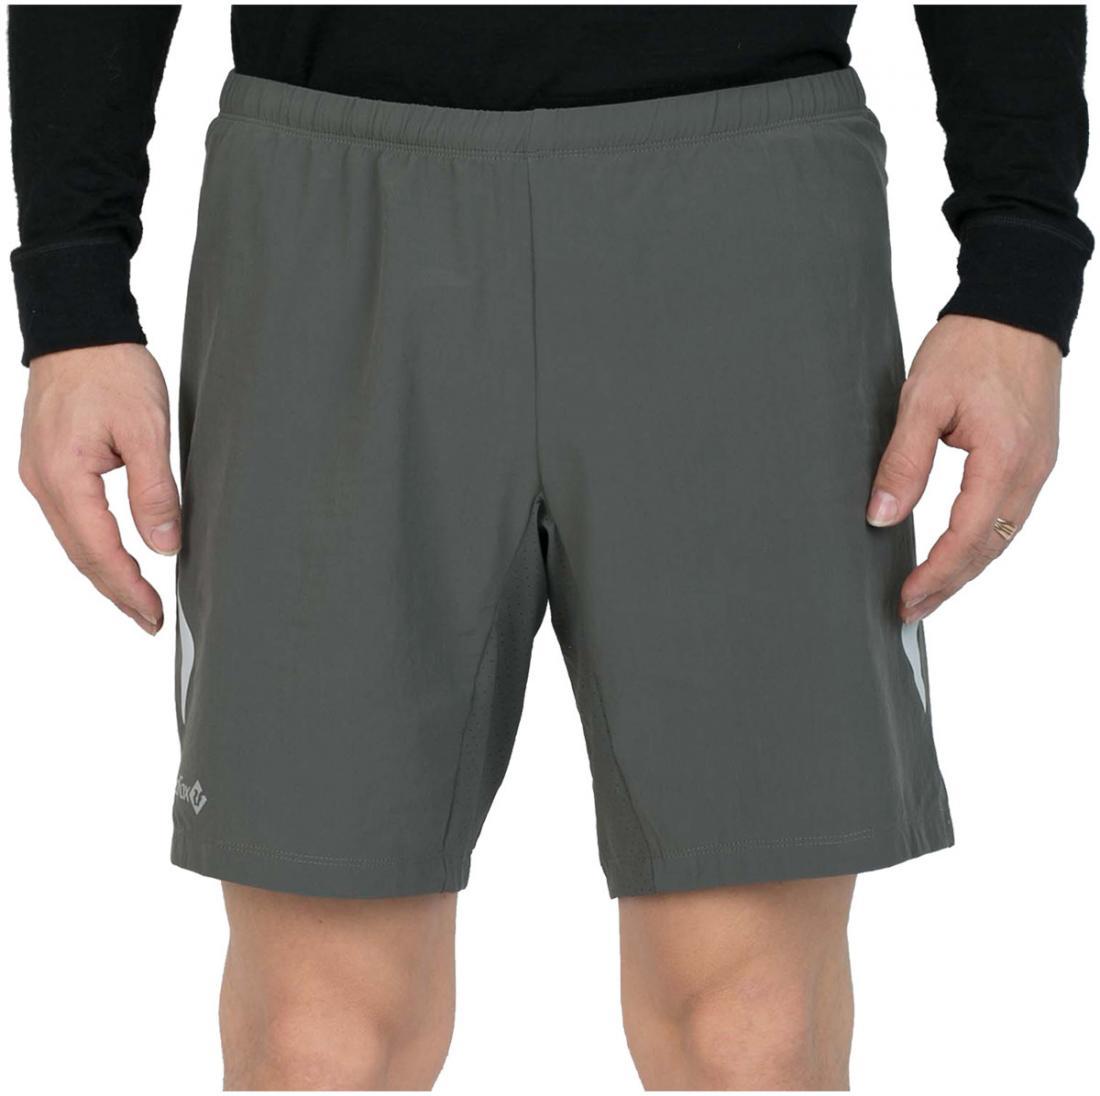 Шорты Race IIШорты, бриджи<br><br> Легкие спортивные шорты свободного кроя. выполненыиз эластичного материала с высокими показателямиотведения и испарения влаги, что...<br><br>Цвет: Серый<br>Размер: 54